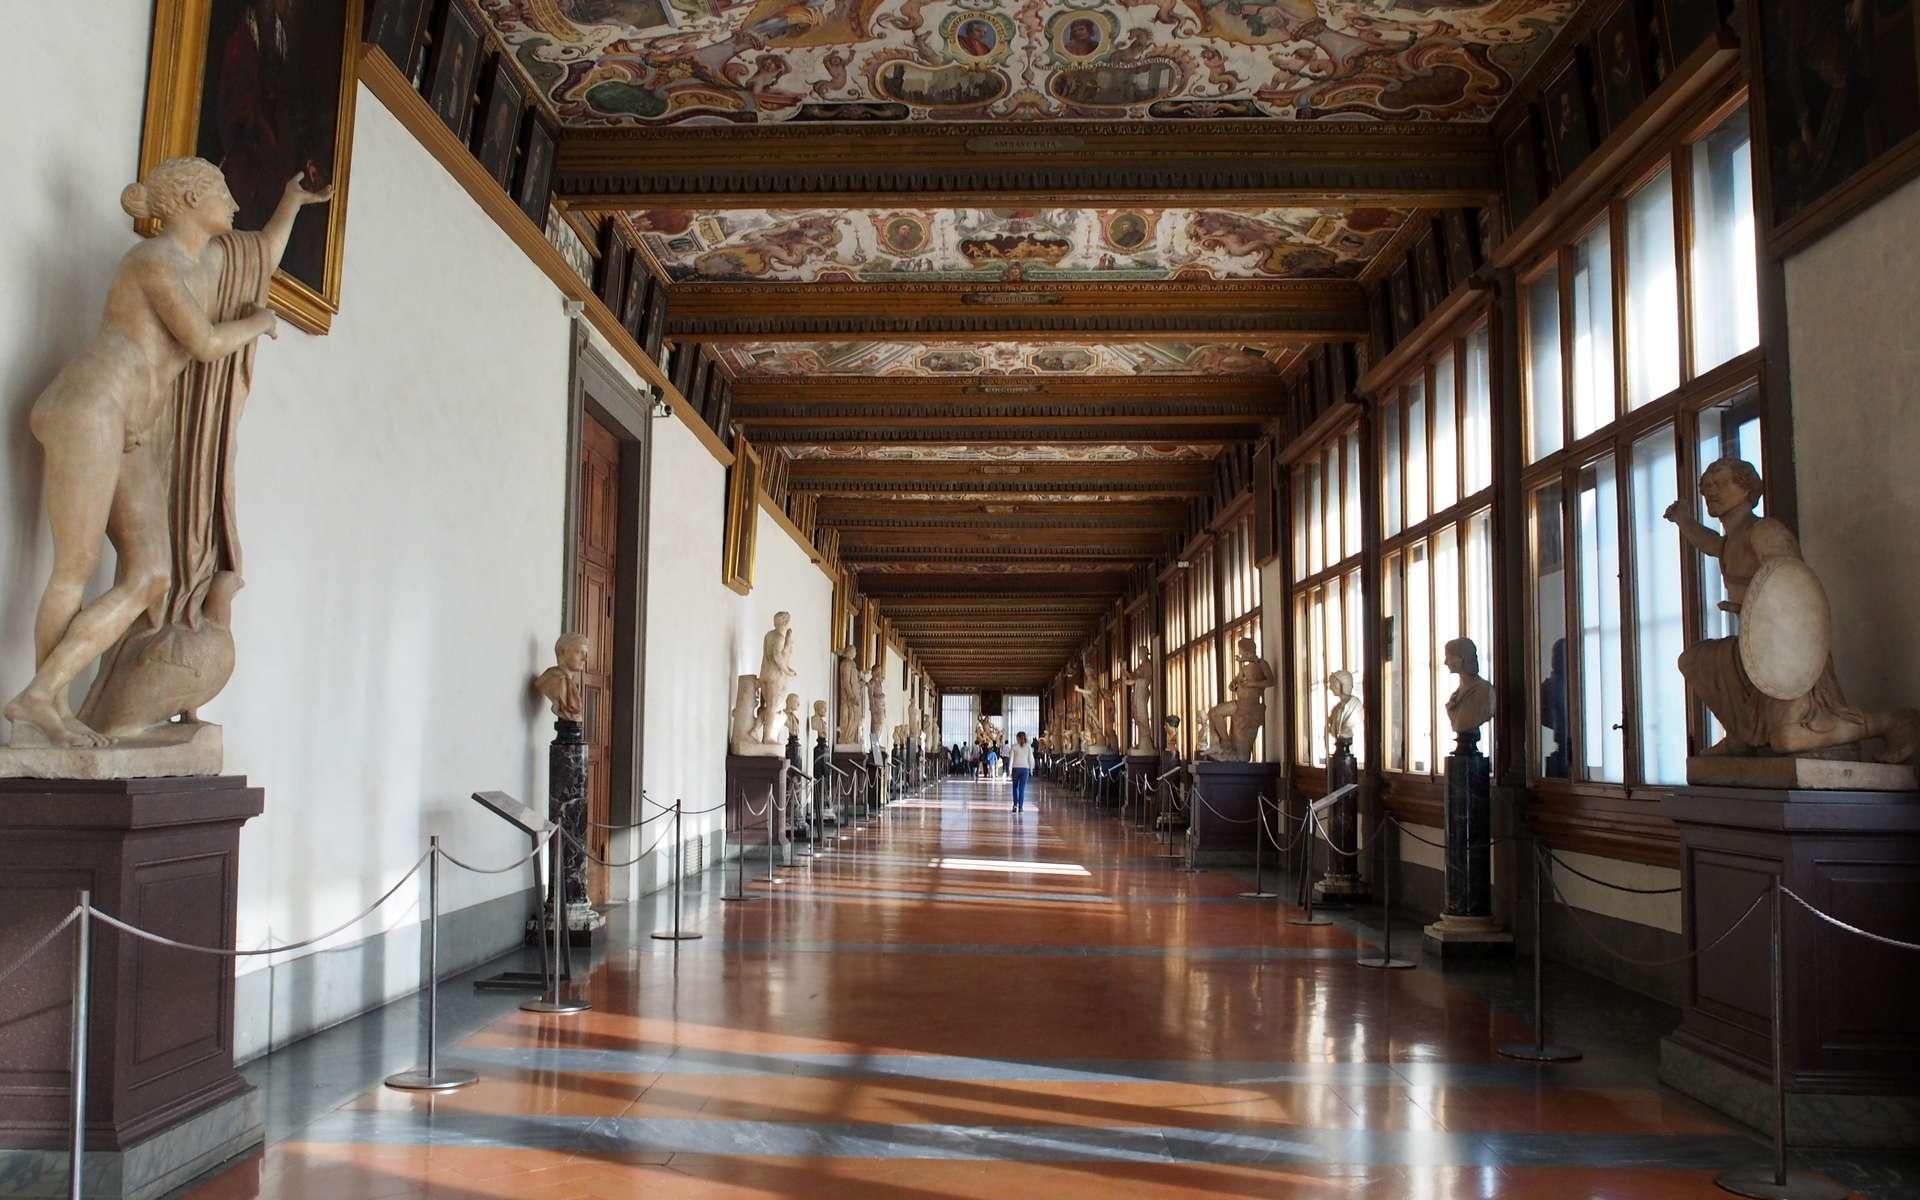 Le plafond richement décoré de la galerie du deuxième étage de la galerie des Offices à Florence. © Petar Miloševic, Wikimedia Commons, CC by-sa 4.0